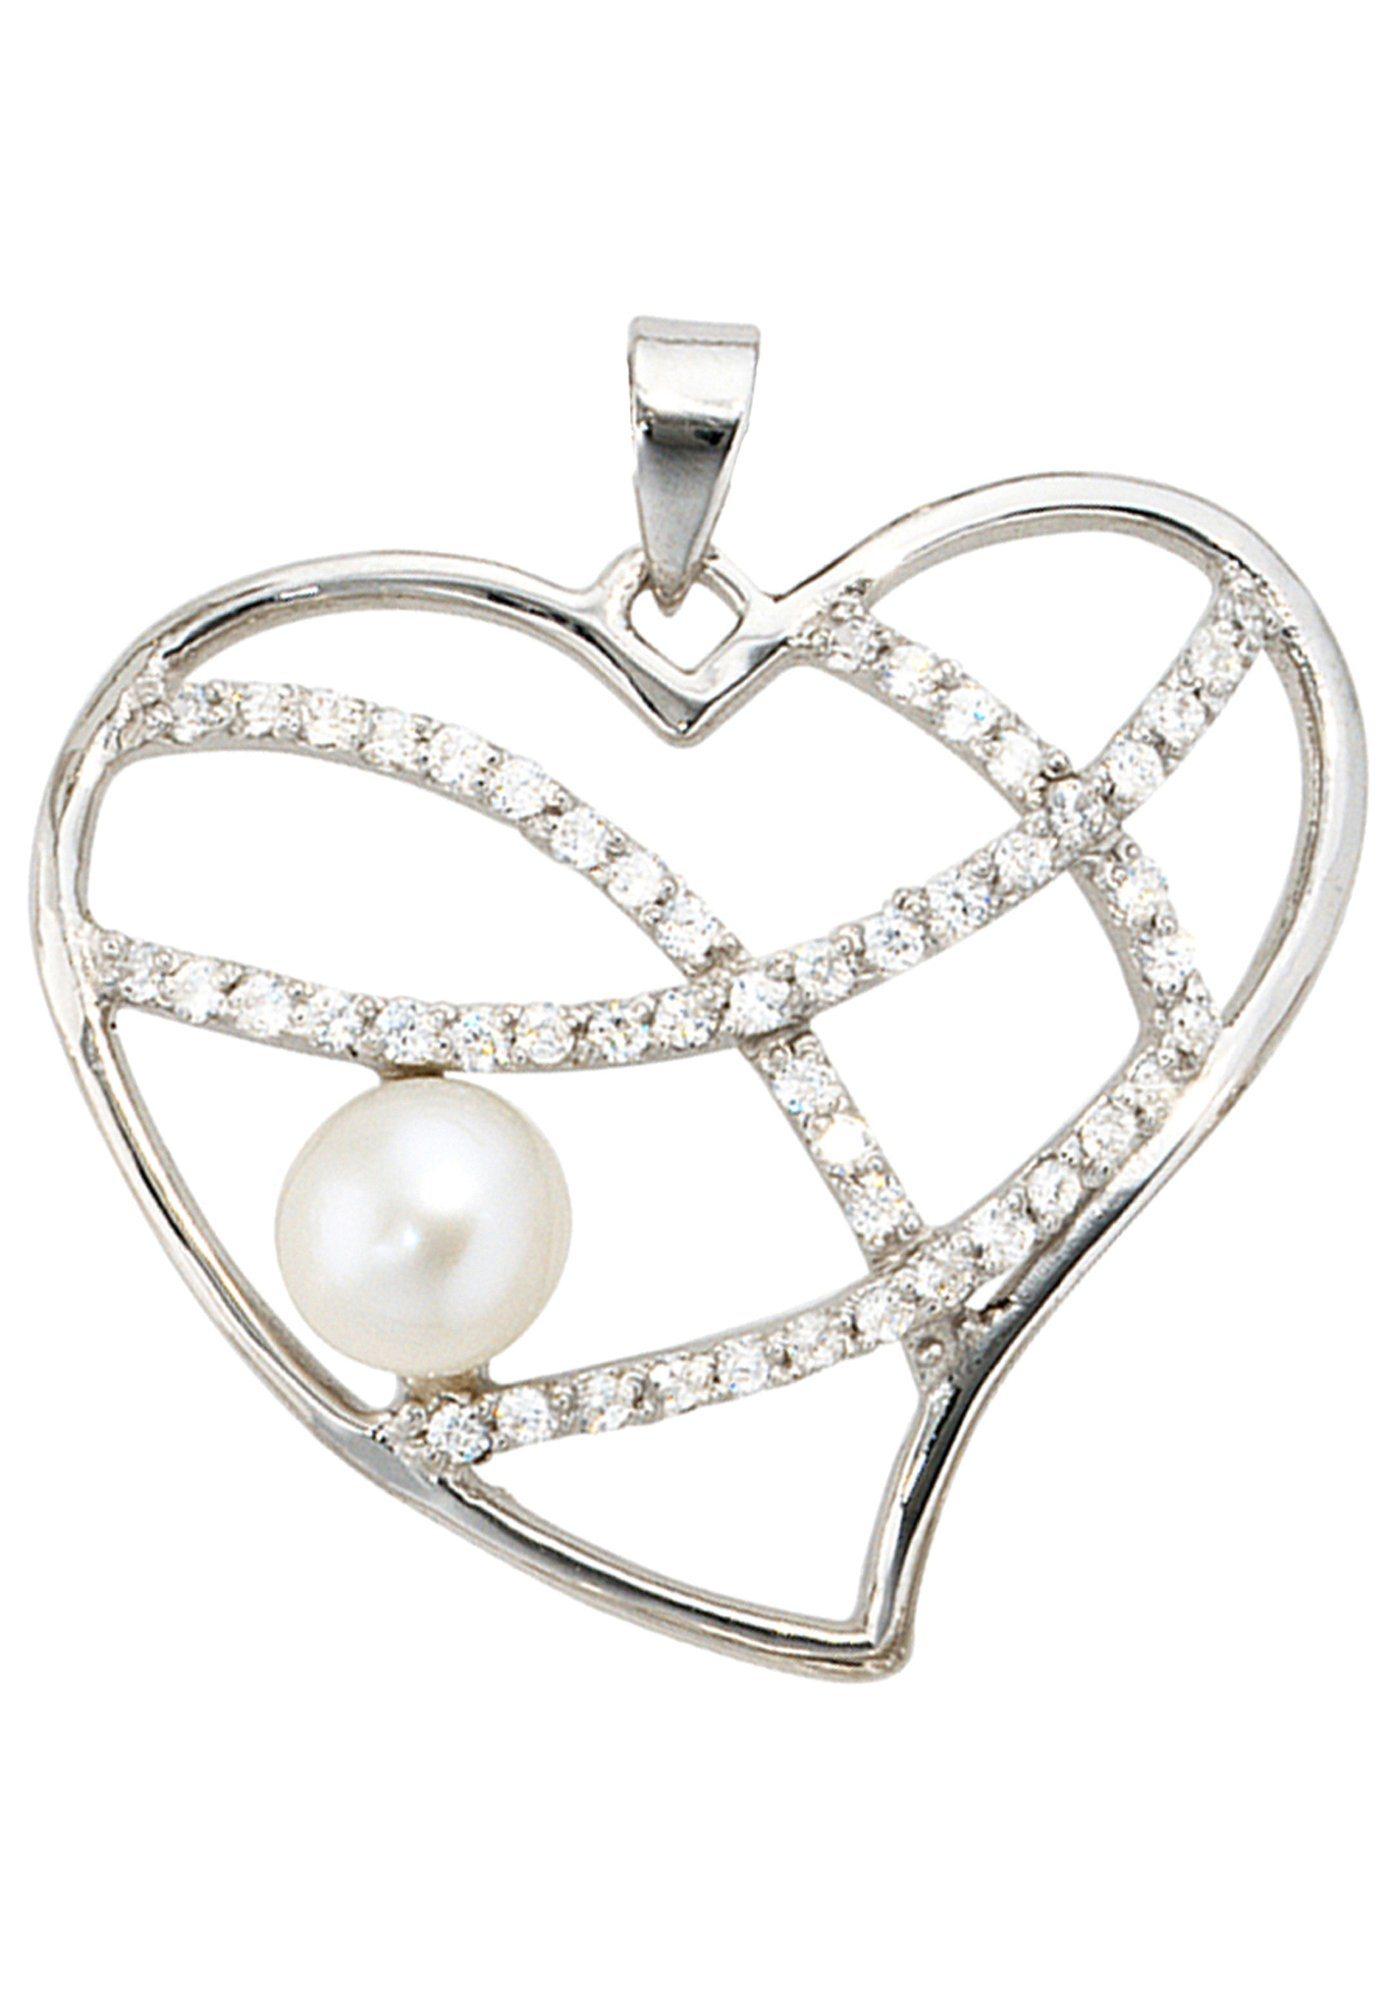 JOBO Herzanhänger »Herz« 925 Silber mit Süßwasser-Zuchtperle und Zirkonia | Schmuck > Halsketten > Herzketten | Silber | JOBO